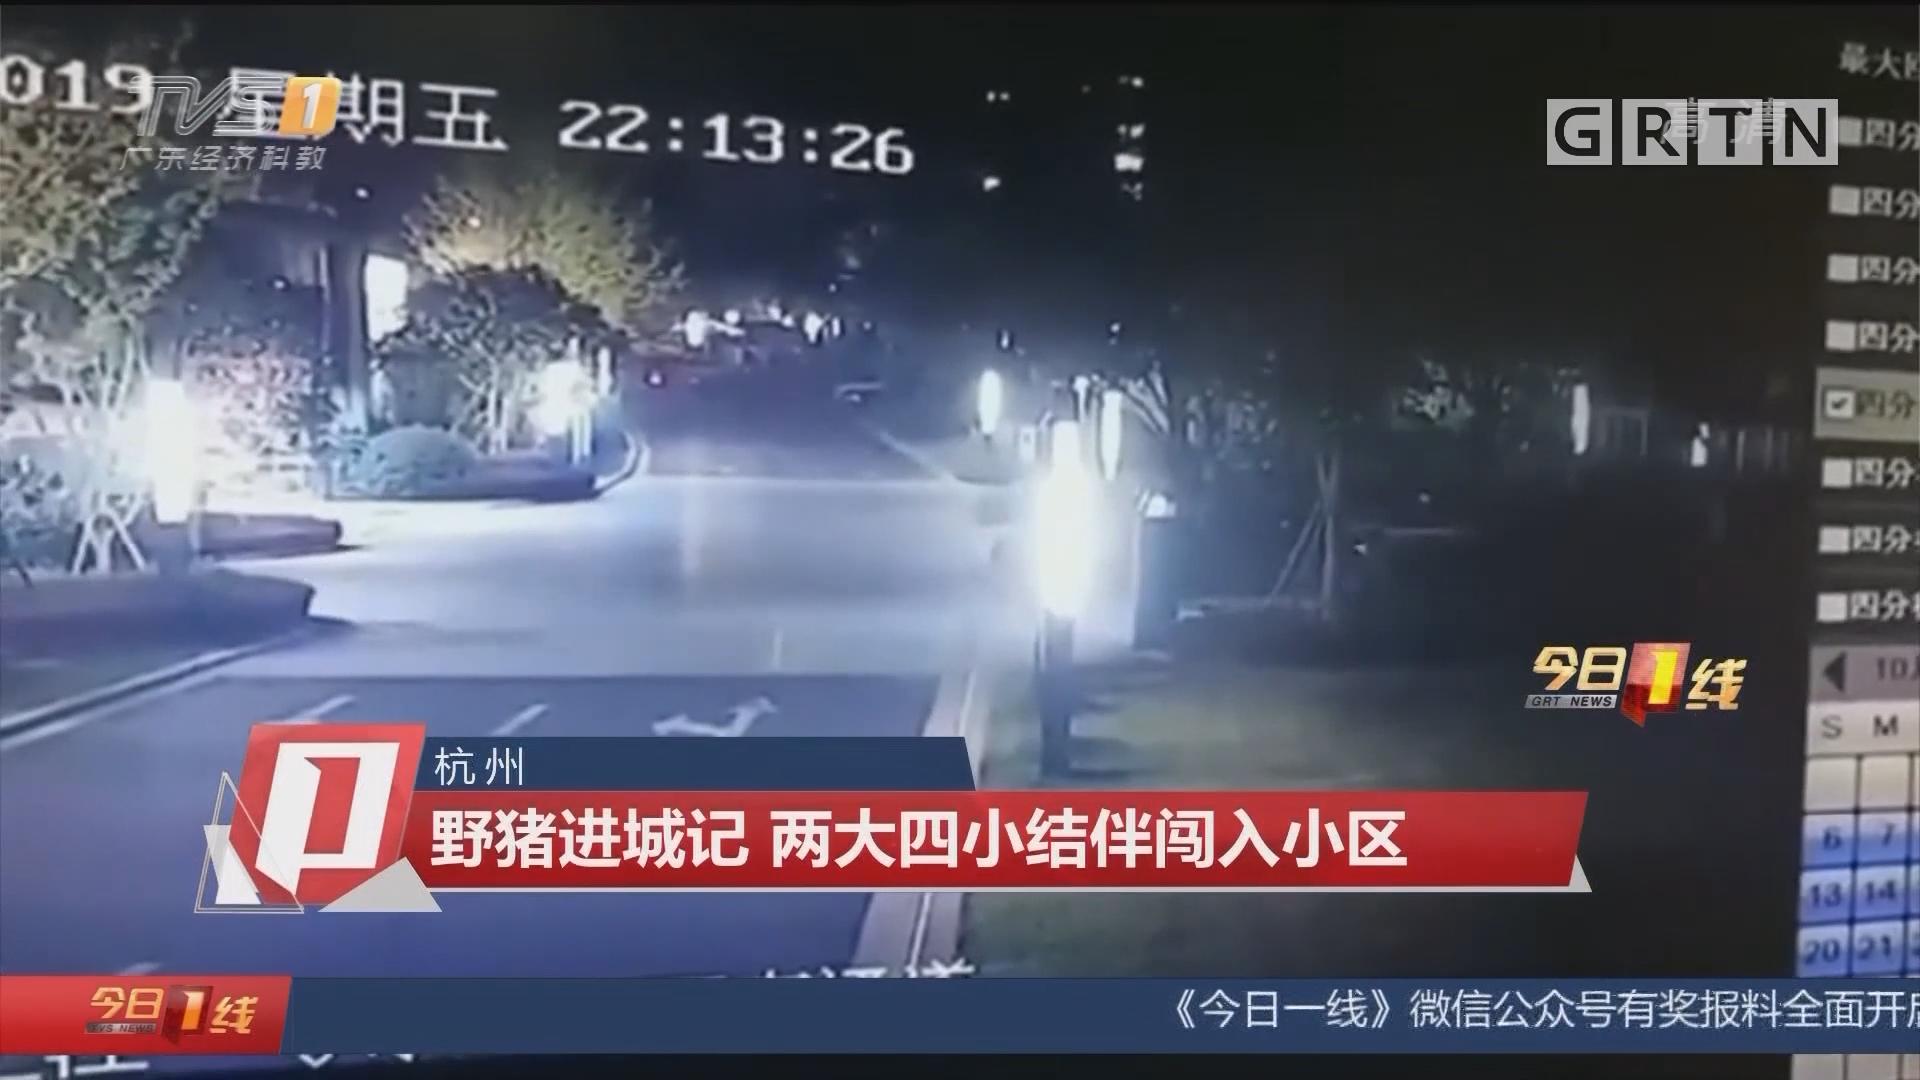 杭州:野猪进城记 两大四小结伴闯入小区